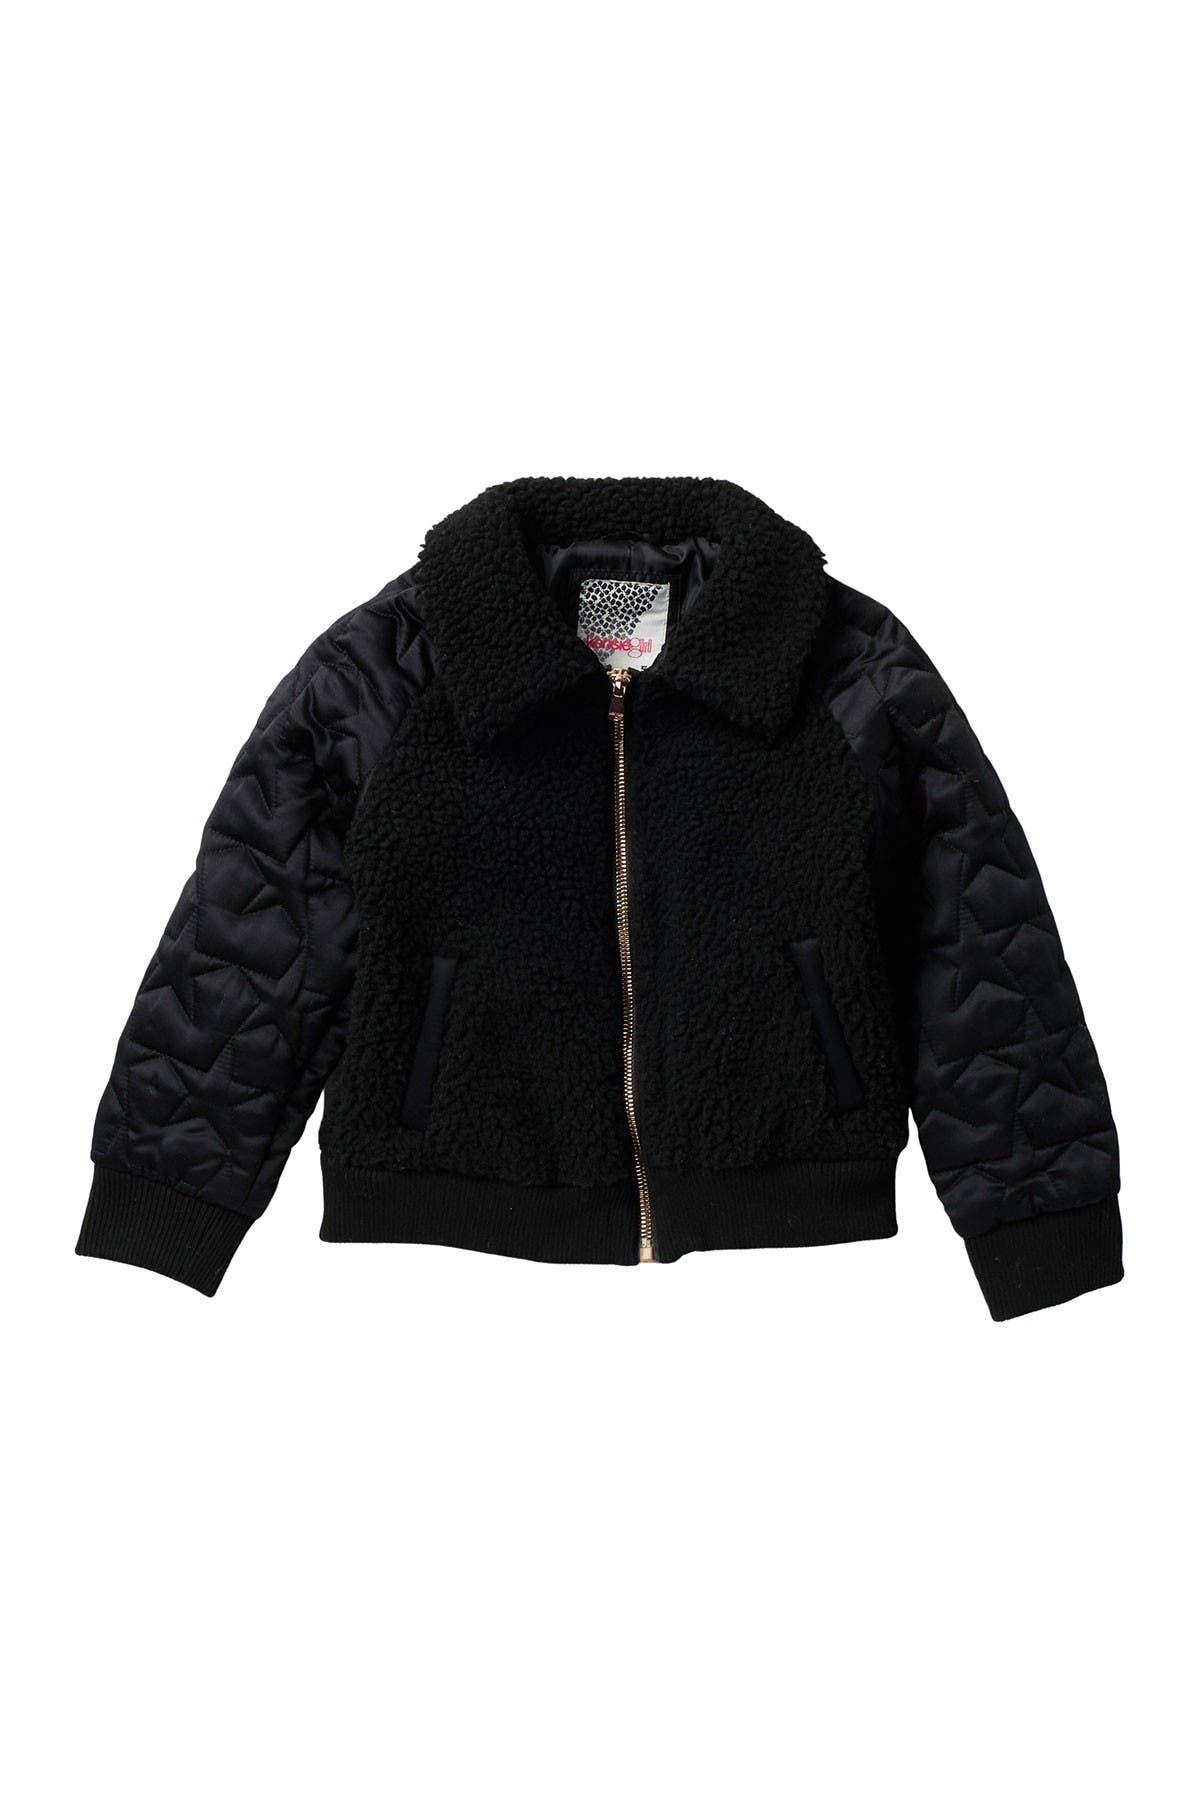 Image of Kensie Girl Teddy Faux Fur Quilt Sleeve Jacket